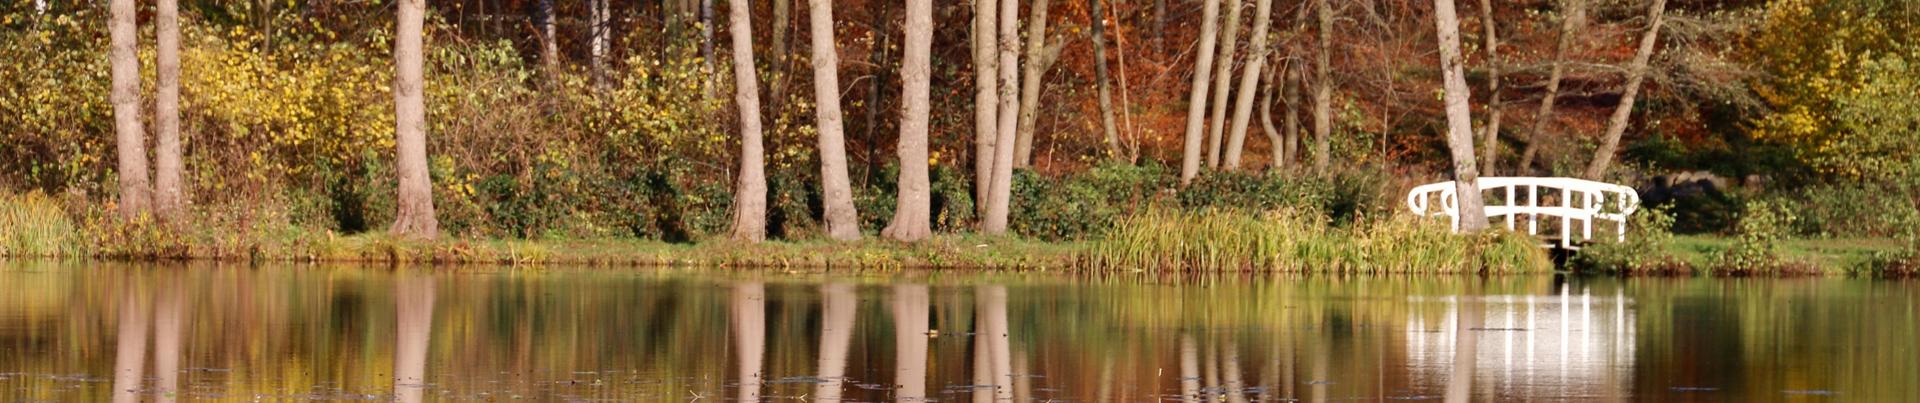 Startseite Herbst1